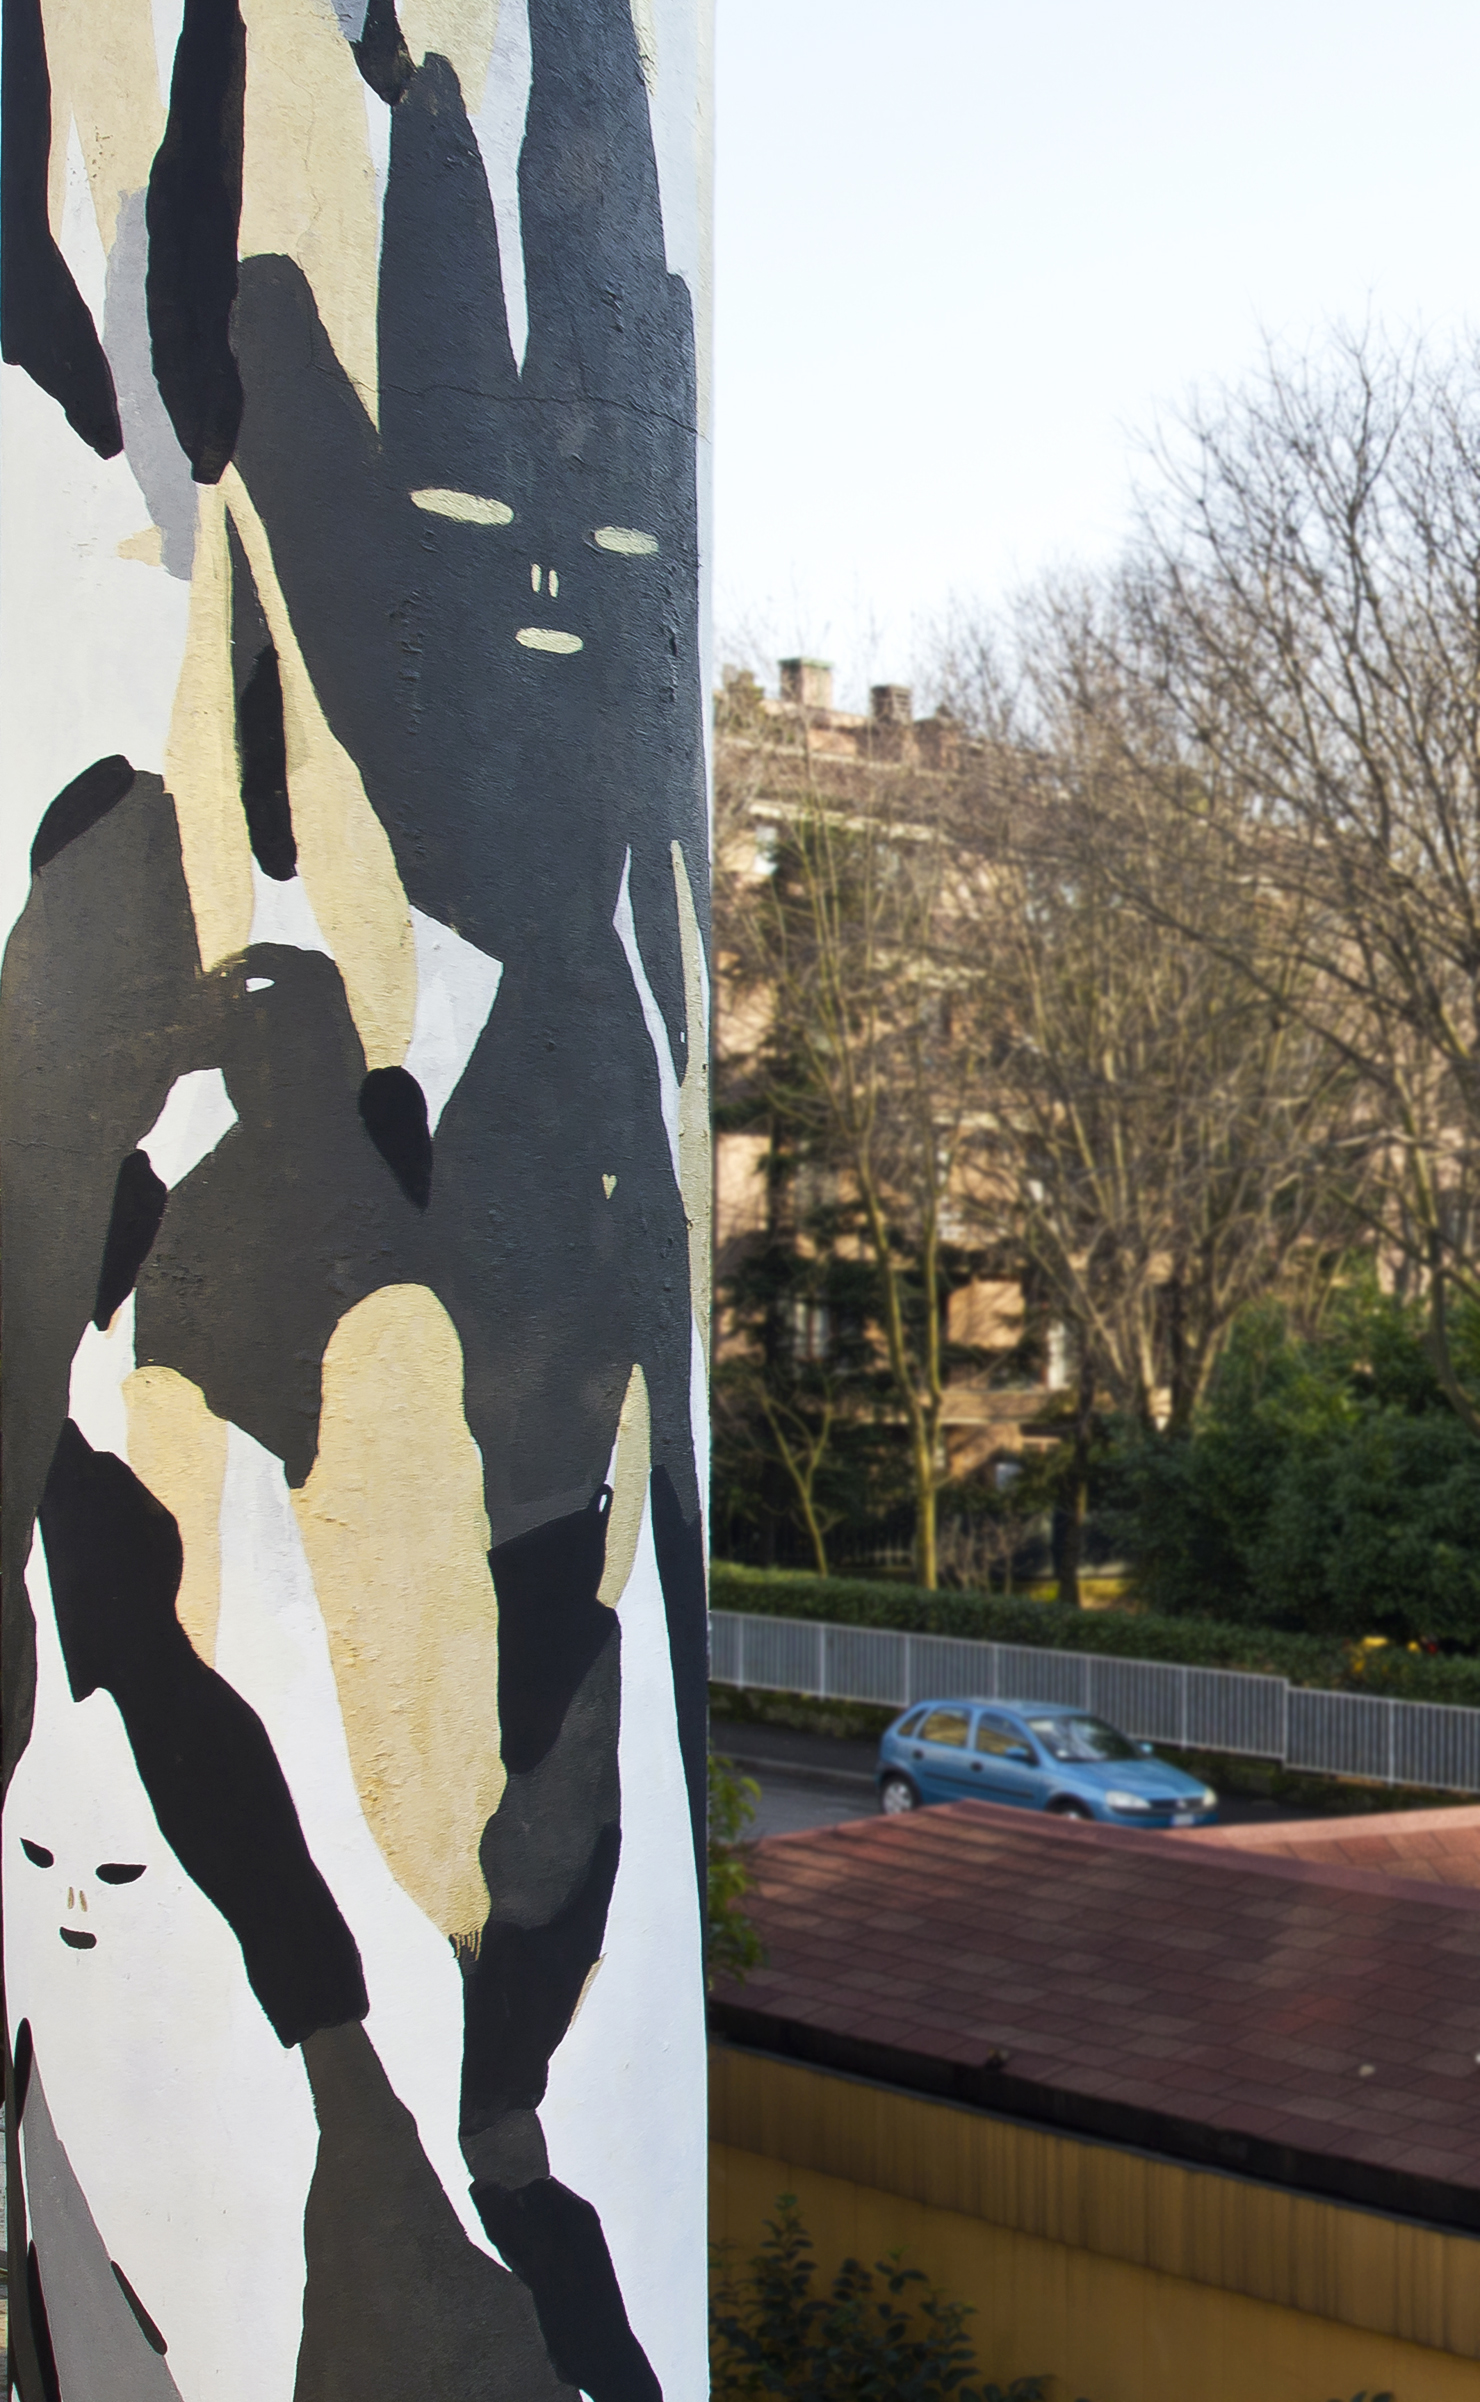 giorgio-bartocci-new-mural-in-monza-13